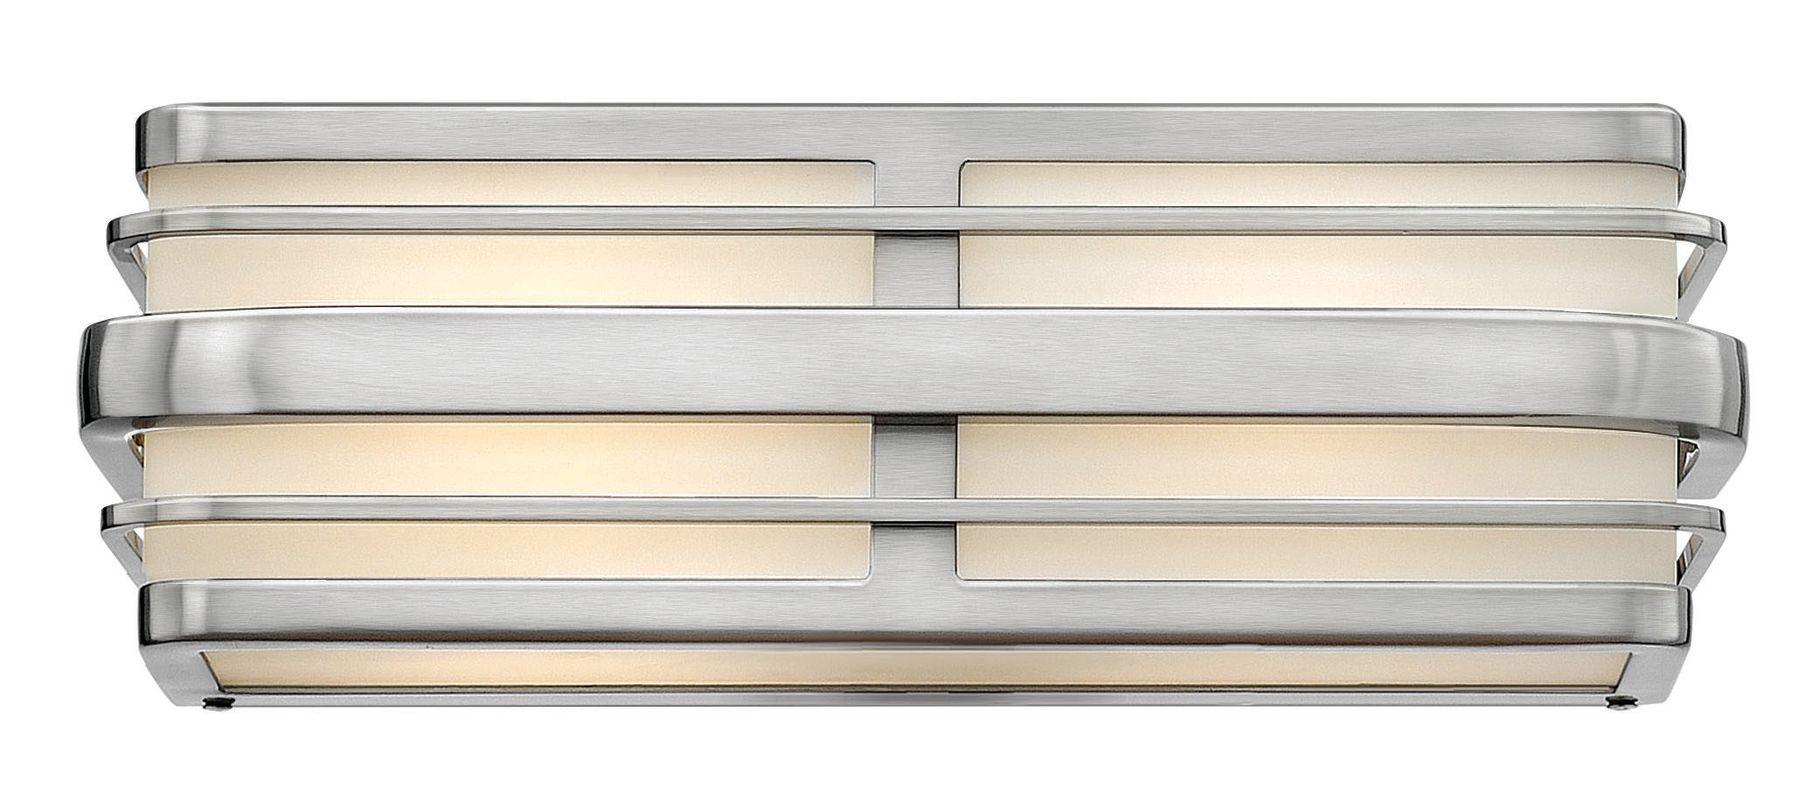 Hinkley Lighting 5232-LED 2 Light LED Bath Bar from the Winton Sale $295.00 ITEM#: 2635491 MODEL# :5232BN-LED UPC#: 640665523249 :